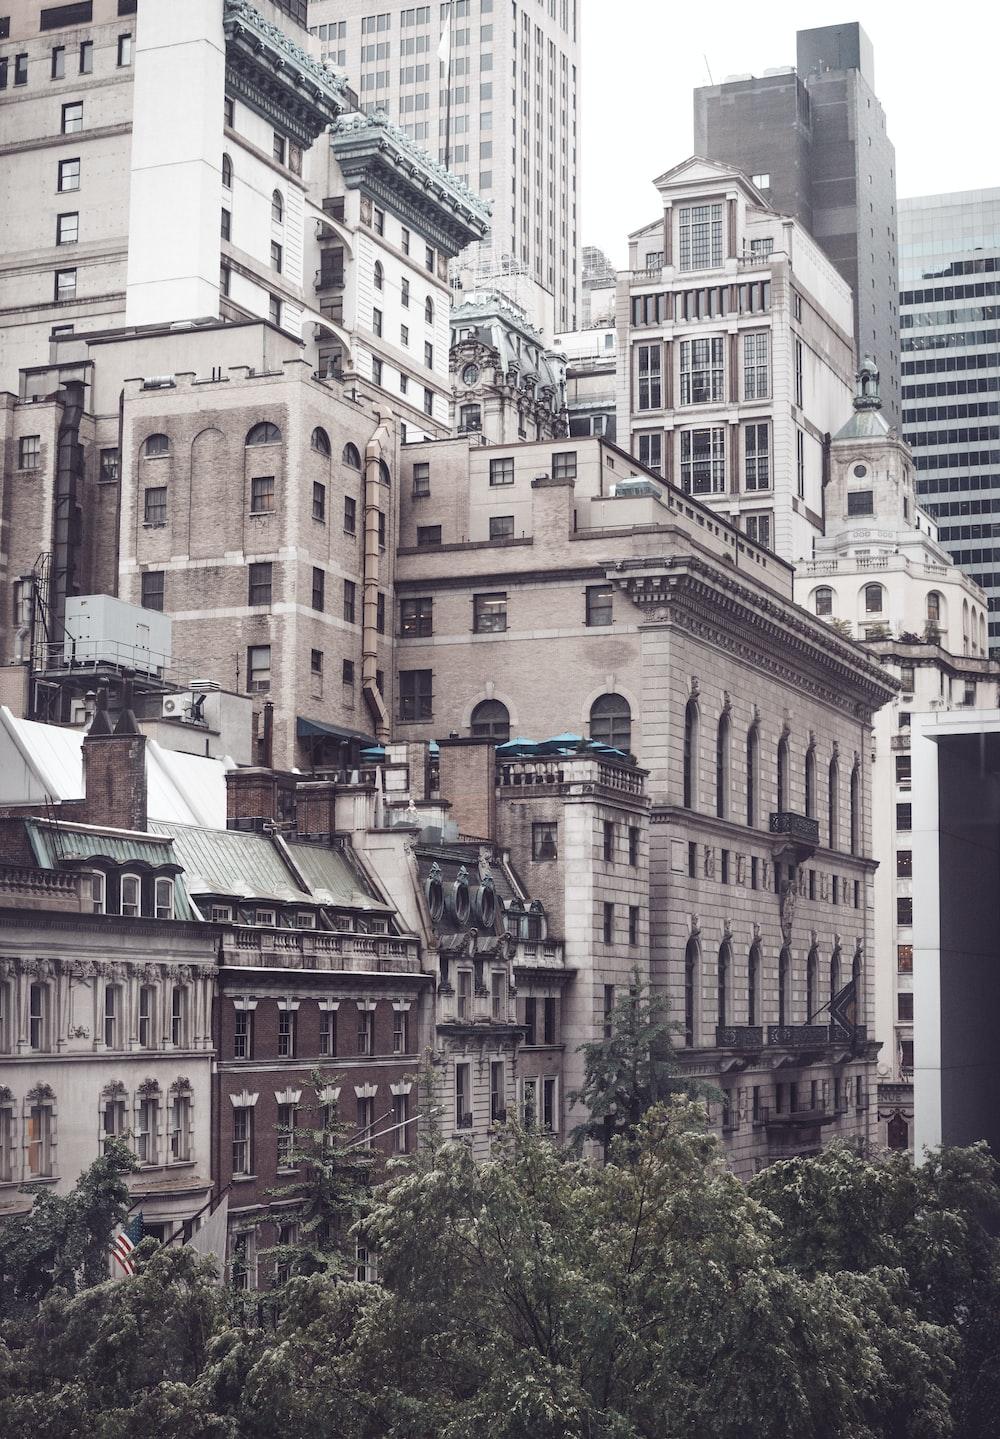 photo of concrete buildings